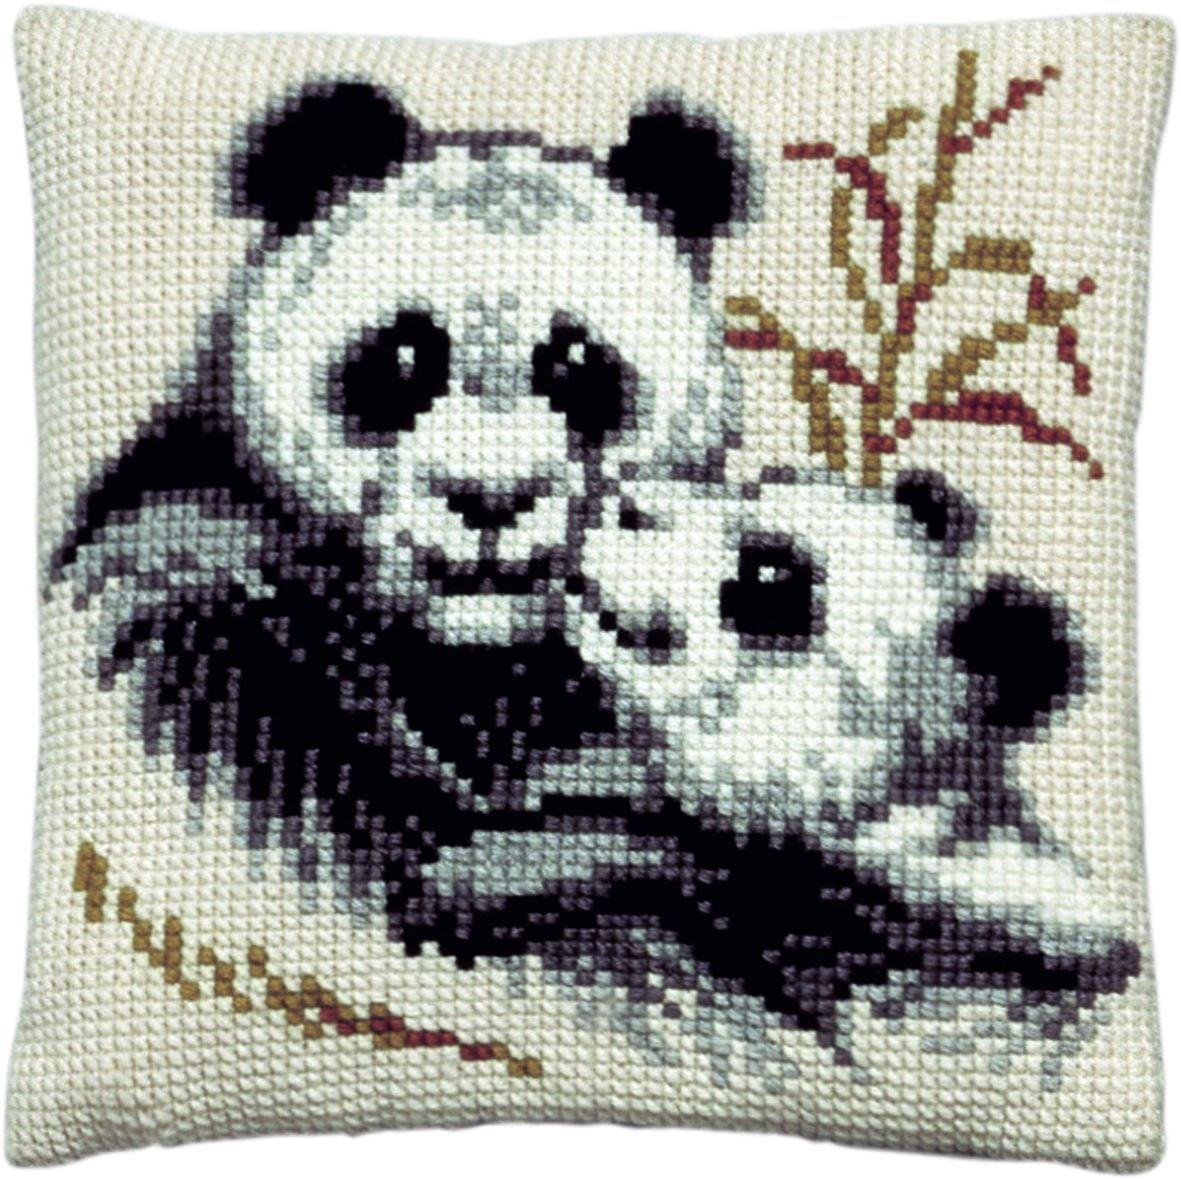 kussen panda met baby borduurpakket